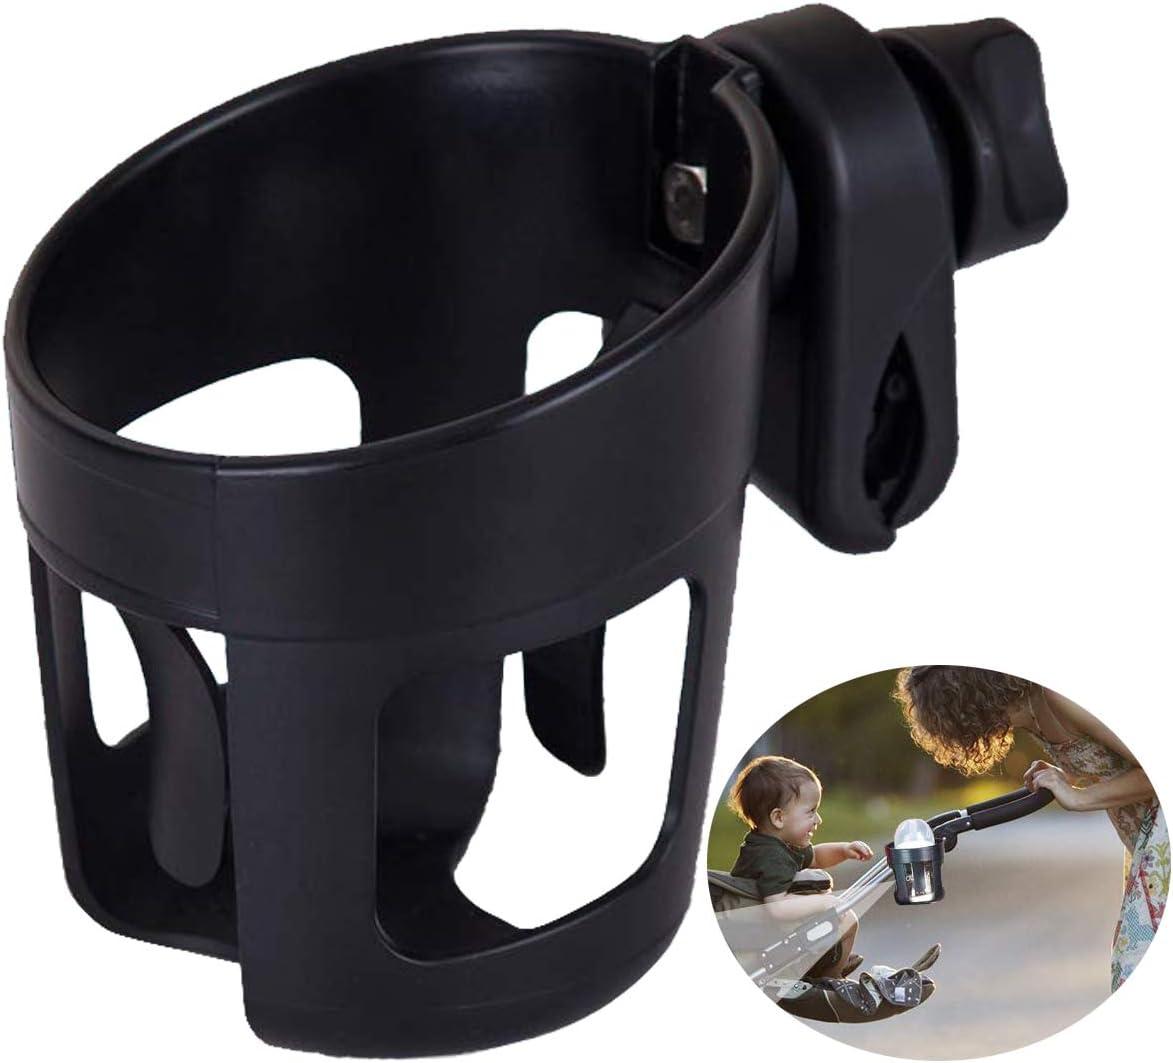 GeeRic Porte-gobelet pour Poussette avec Support pour T/él/éphone Universel pour Poussette//Landau Porte-gobelet R/églable Organisateur de Biberon